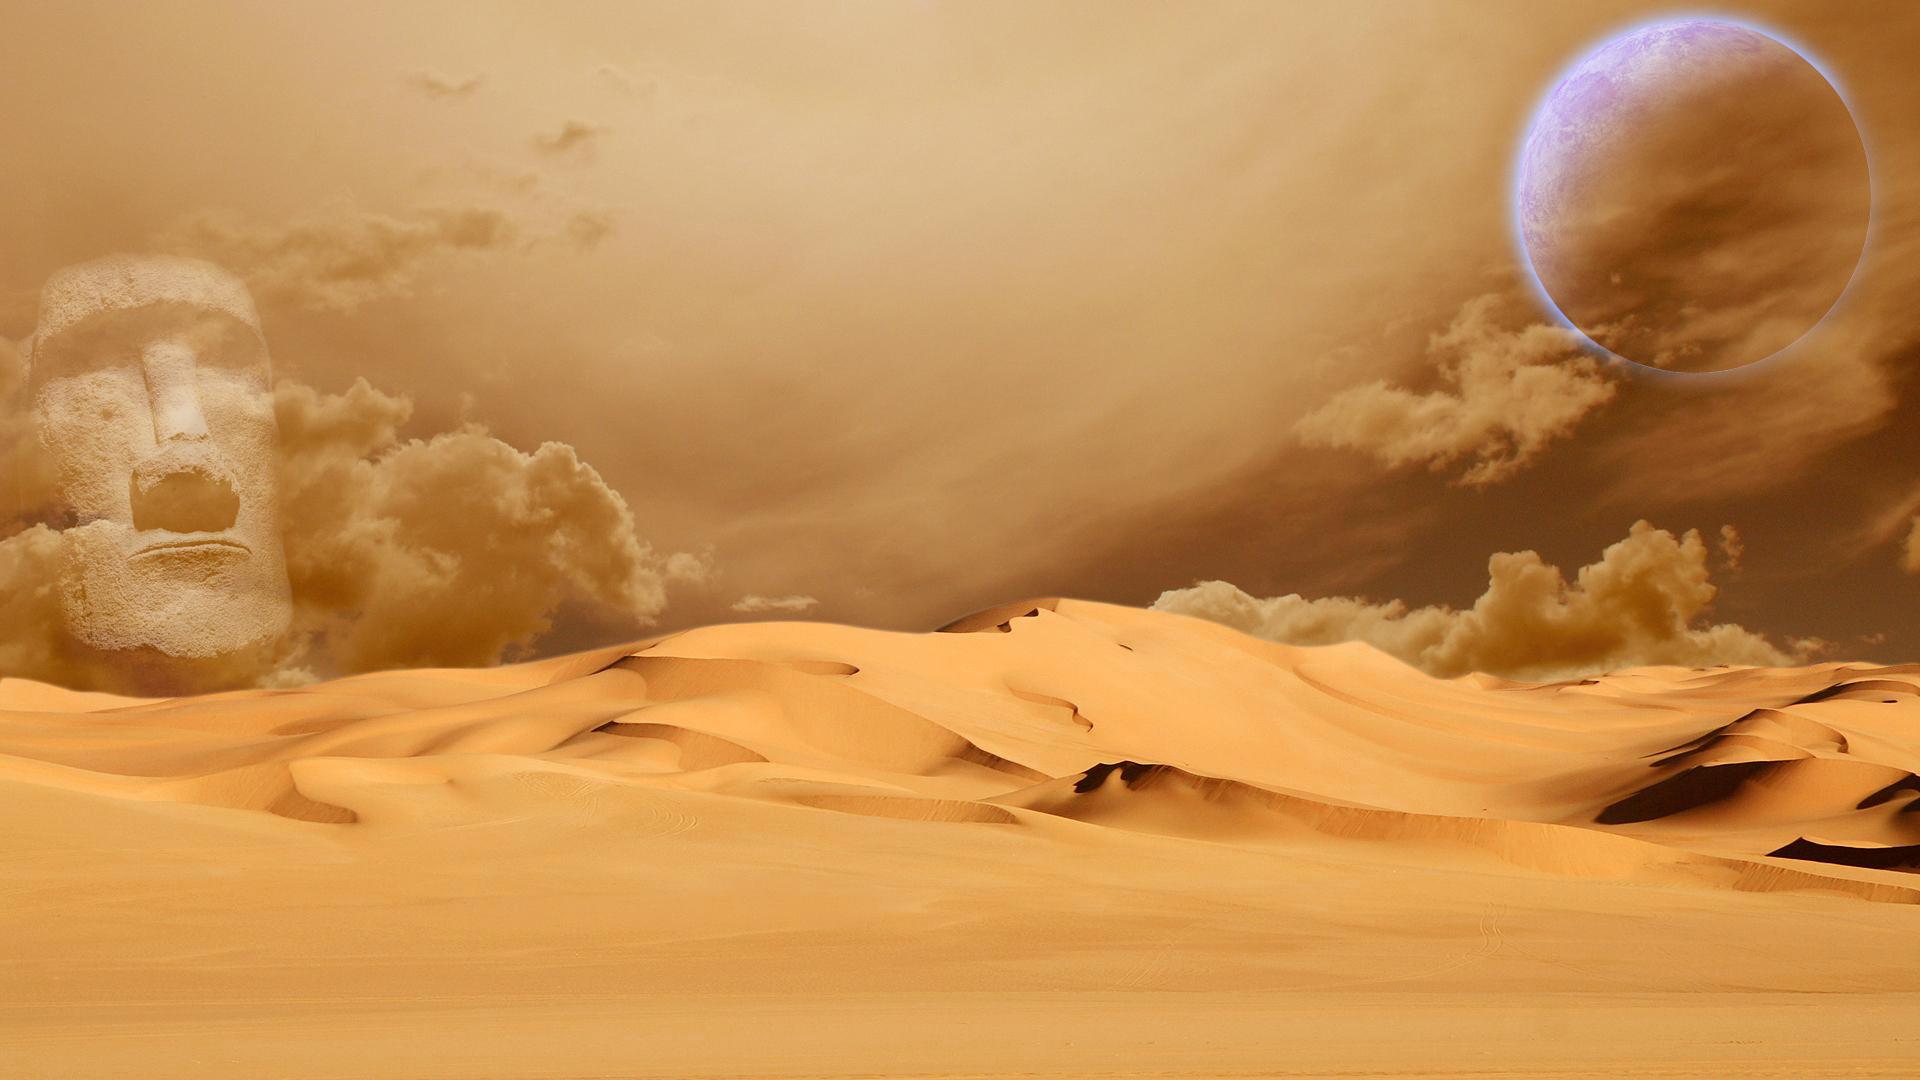 Alien desert by Pinneis